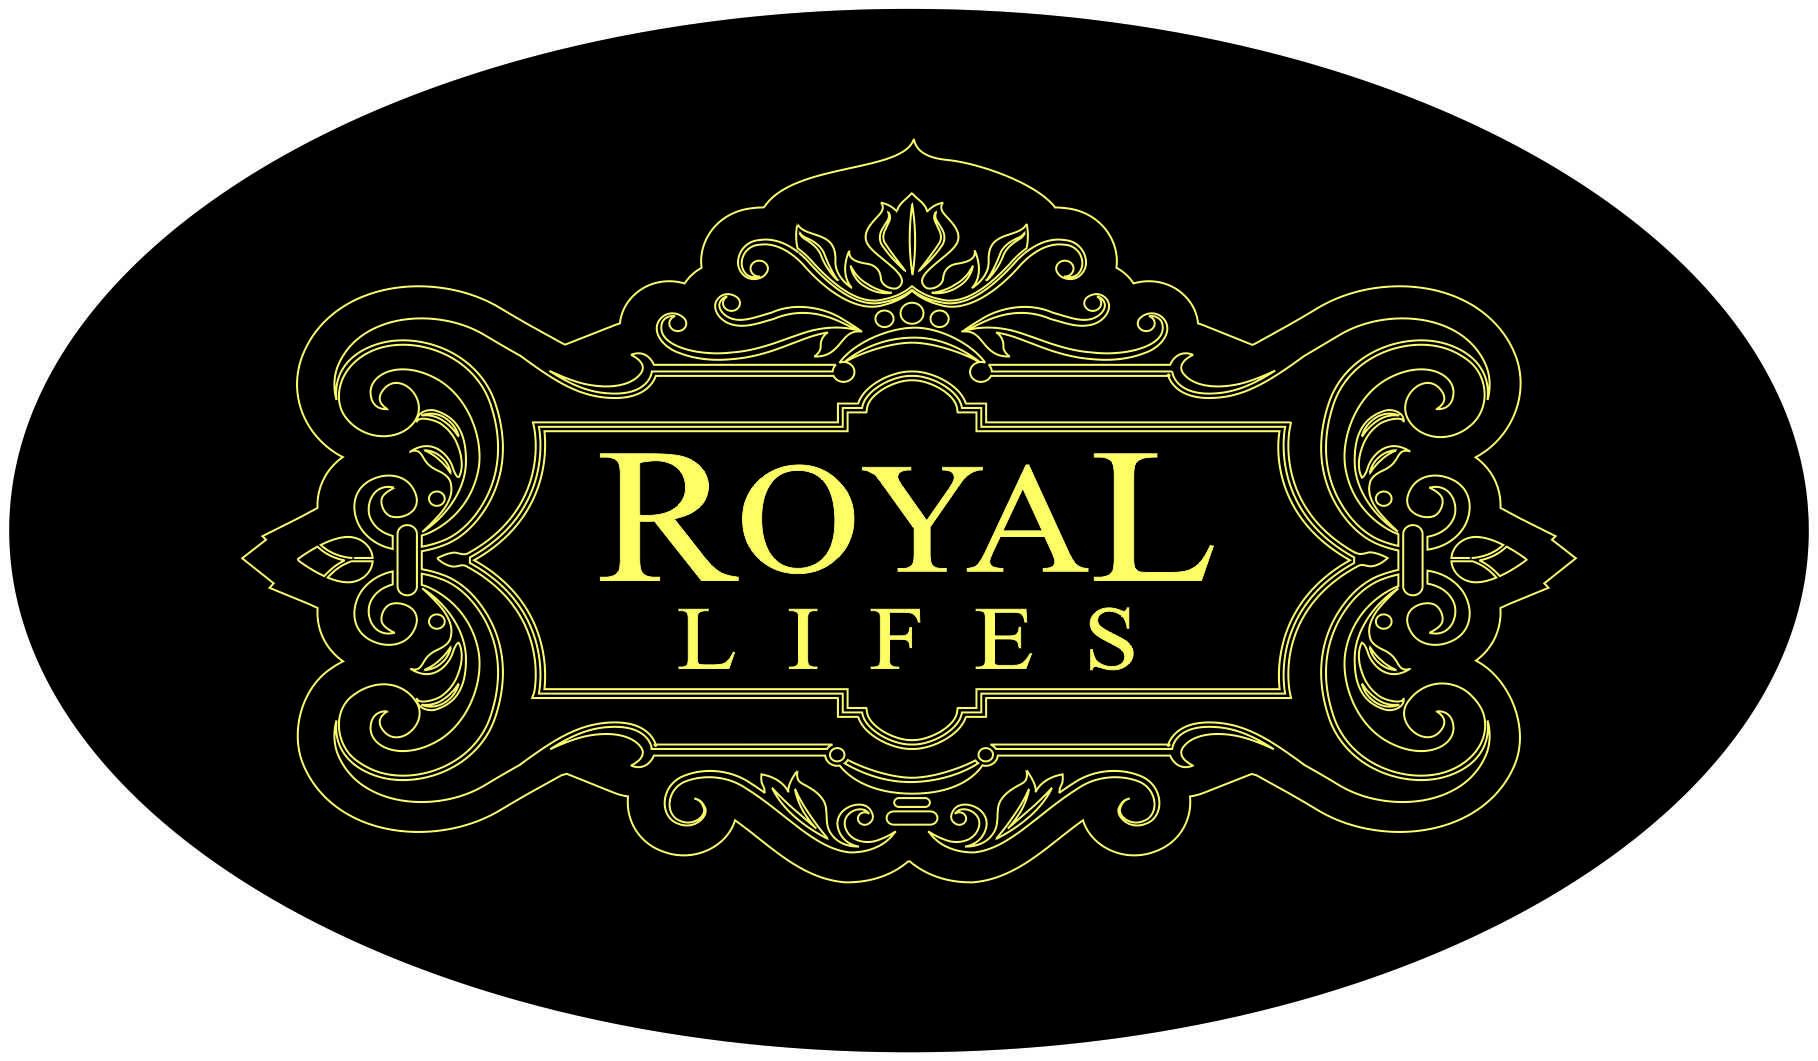 LOGO - Makhija Royal Lifes